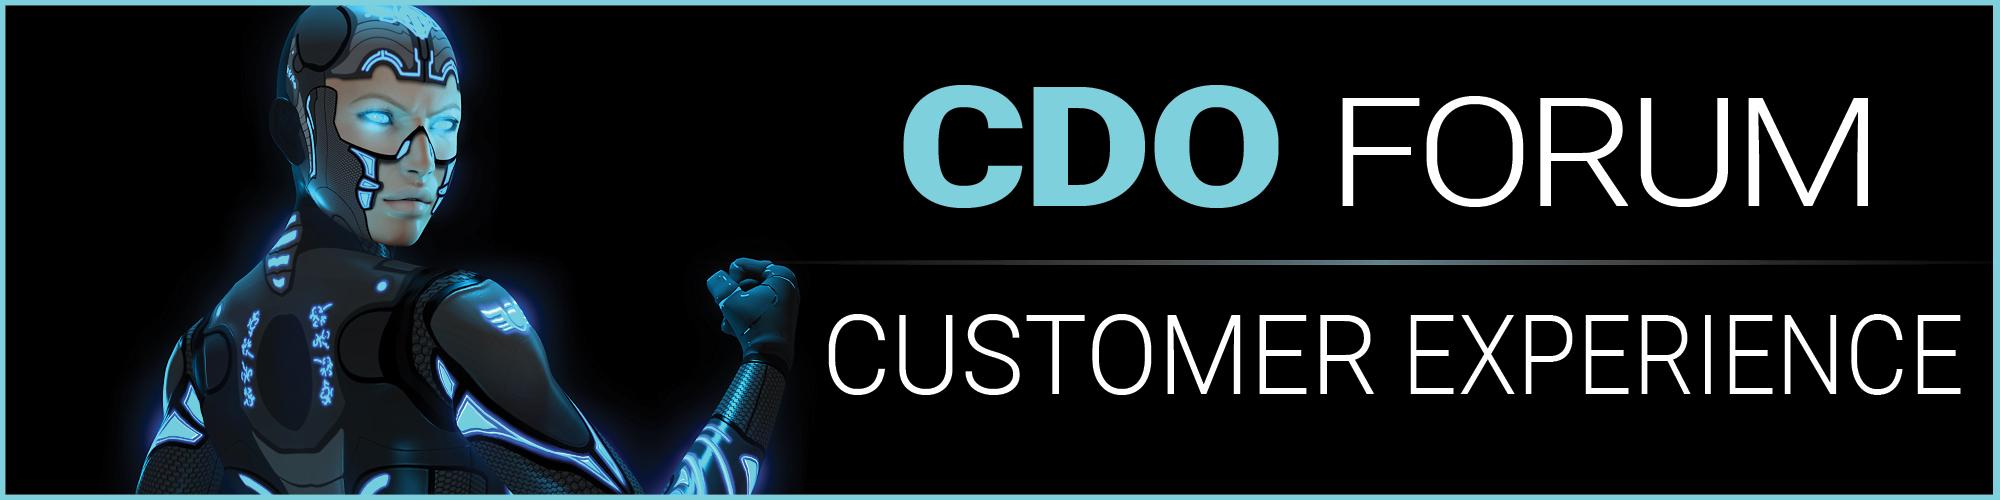 מפגש ראשון לפורום CDO - מפת הדרכים לדיגיטל banner